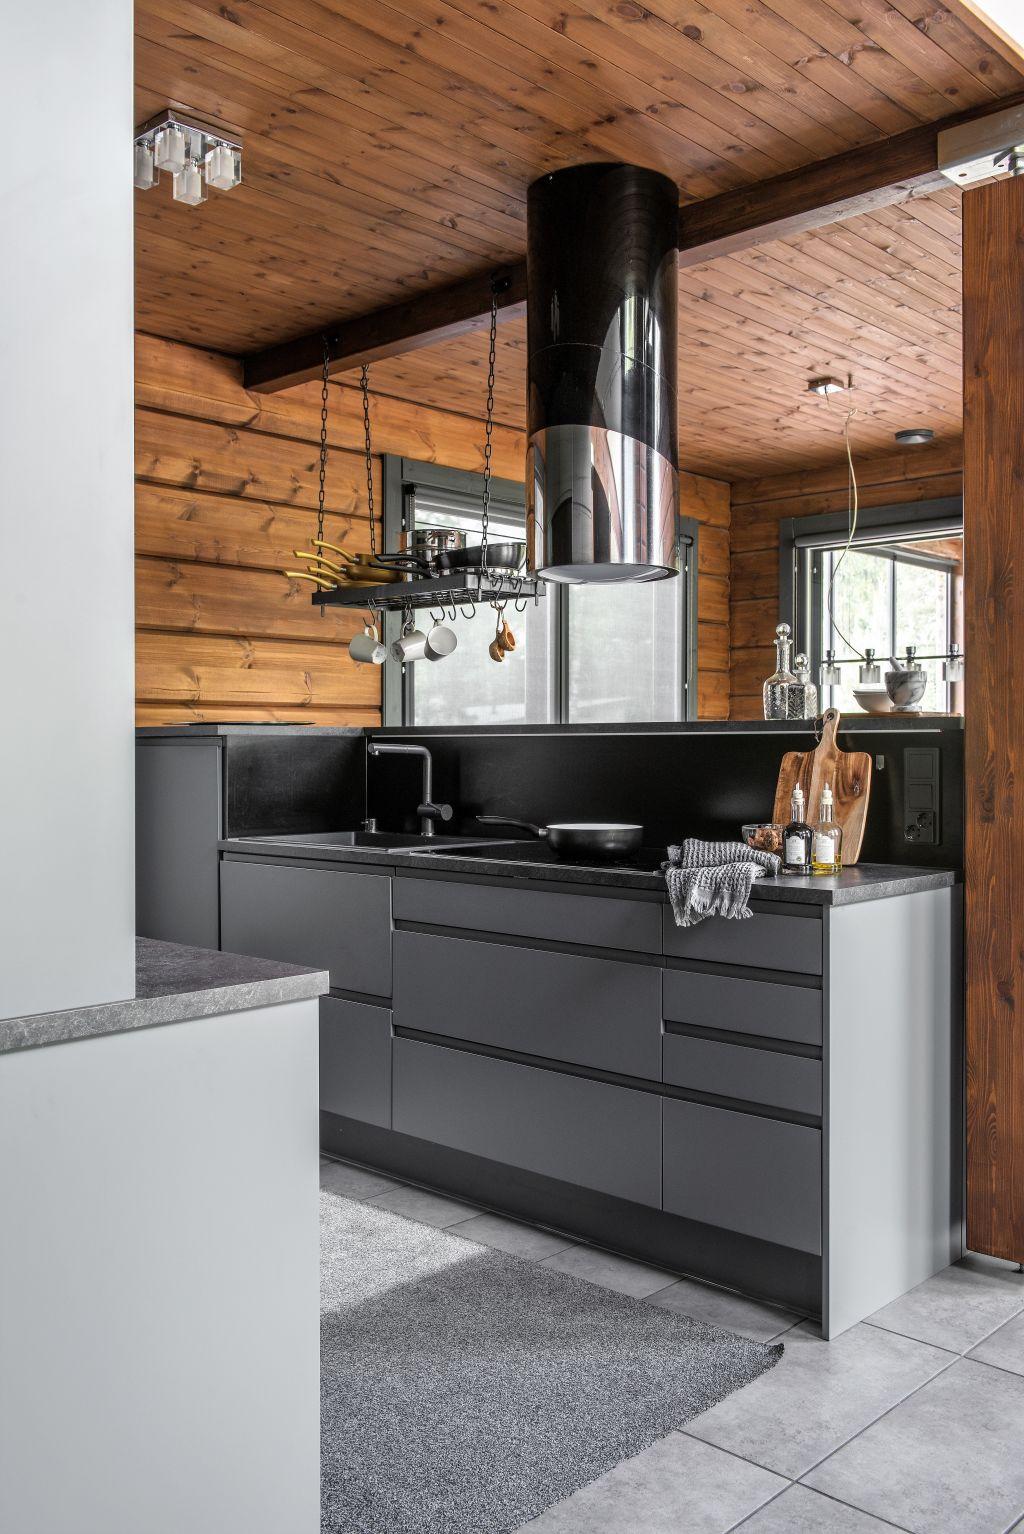 Kontio Kivilahti hirsitalo keittiö keittiöniemeke blanco komposiittiallas musta hanaliesituuletin astianpesukone